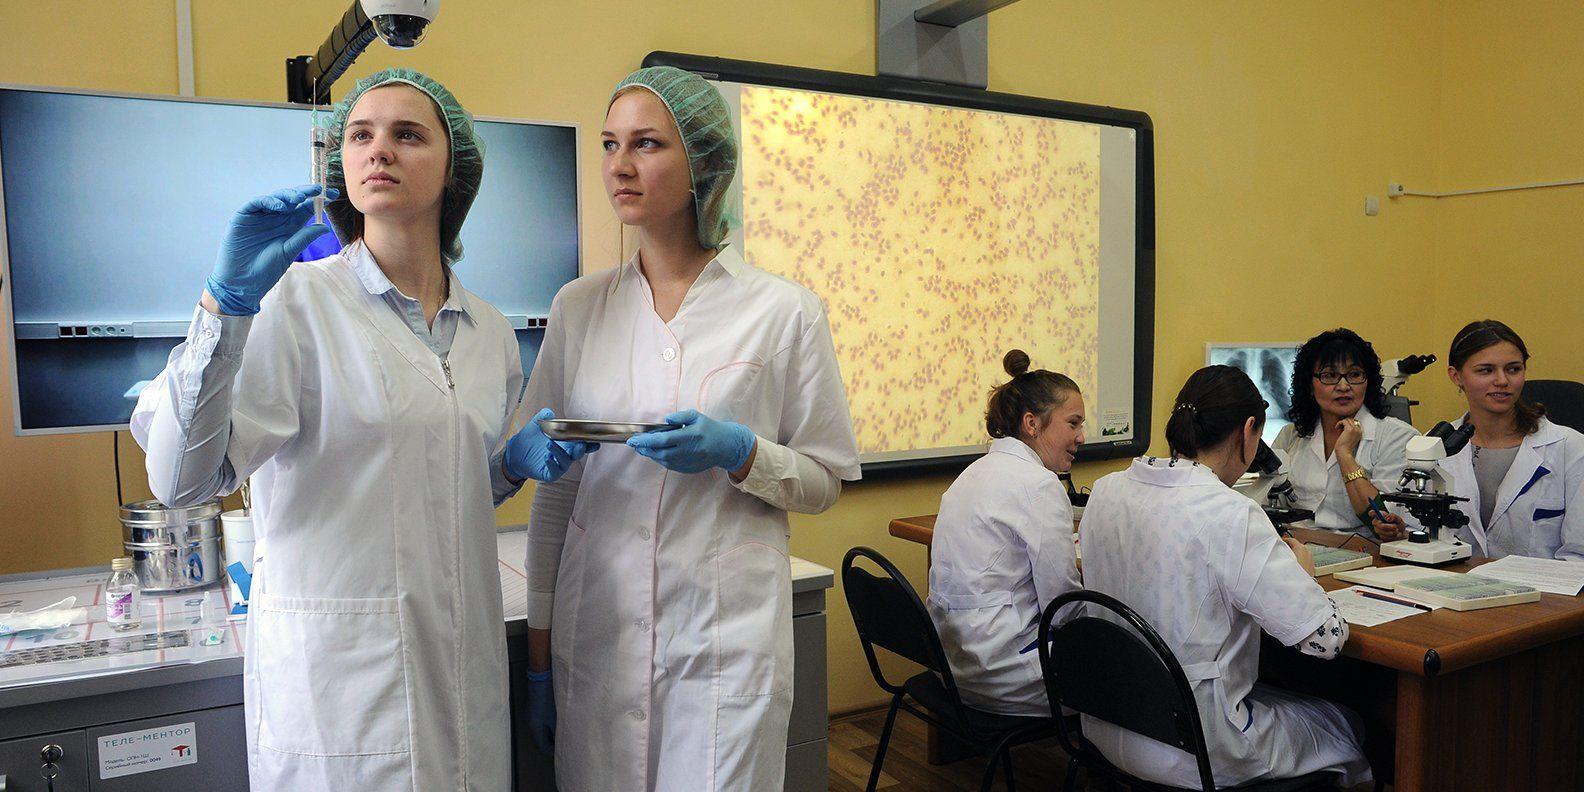 В Москве за пять лет число учеников медицинских классов увеличилось вдвое. Фото: сайт мэра Москвы